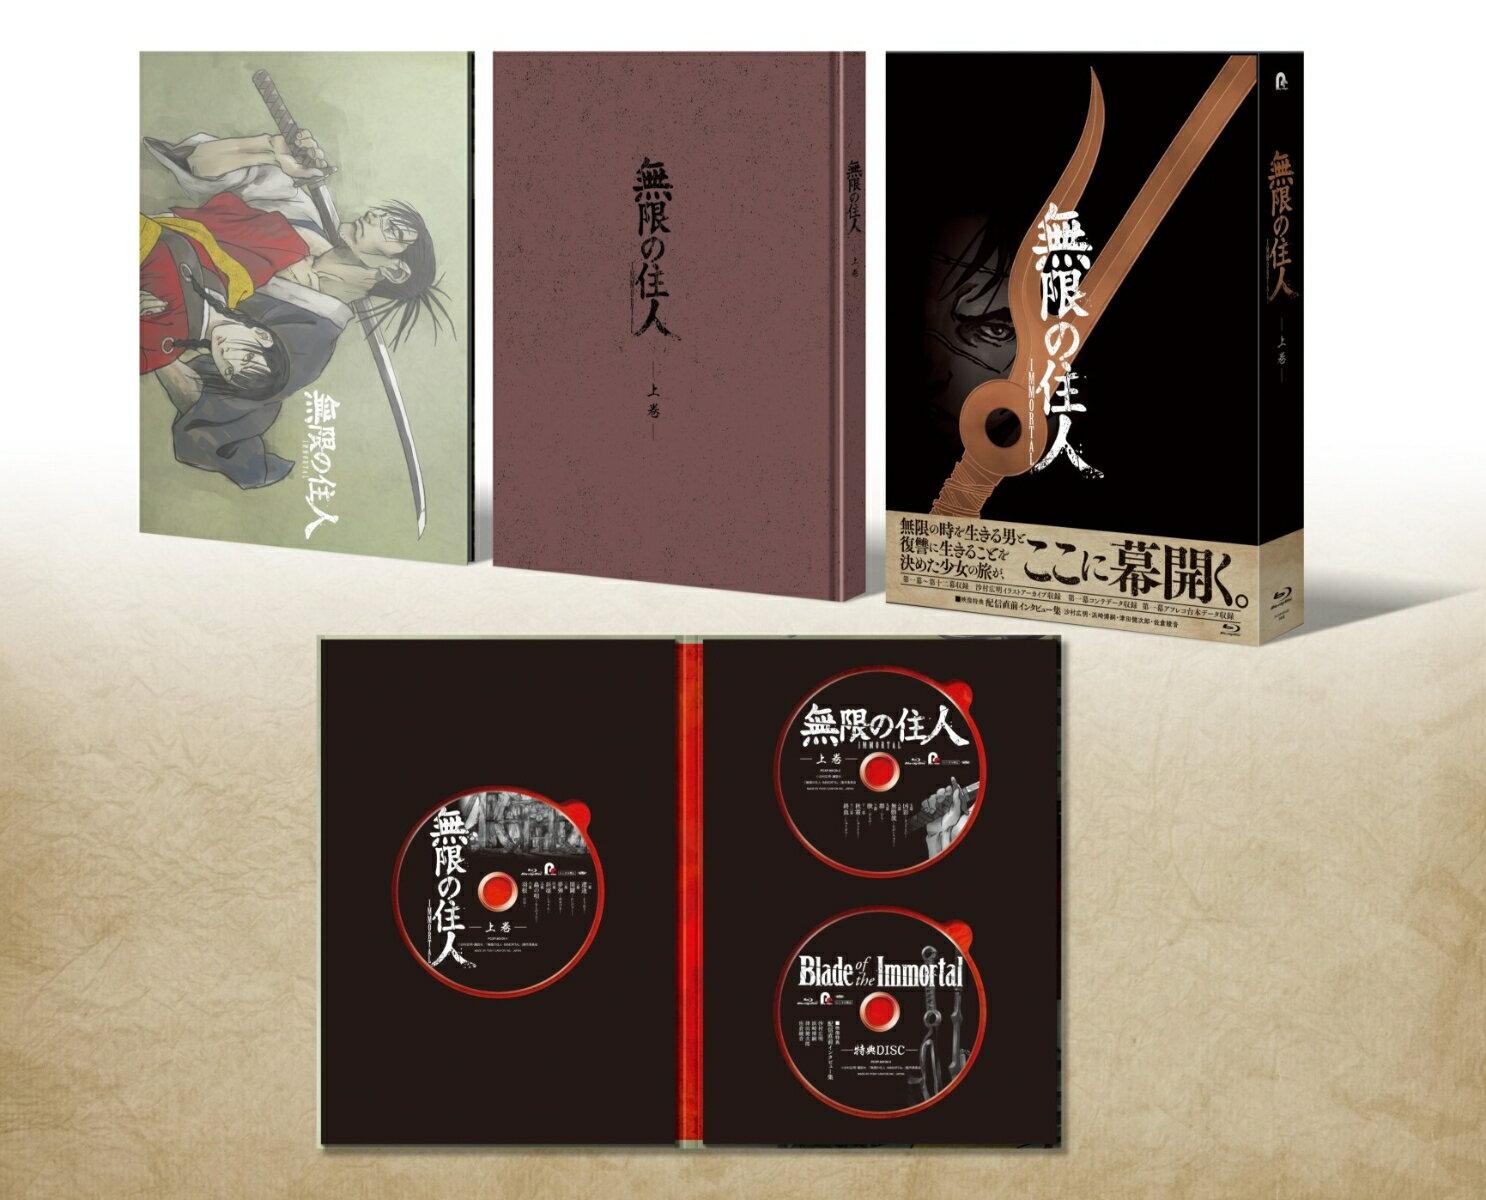 アニメ「無限の住人ーIMMORTAL-」Blu-rayBOX上巻【Blu-ray】画像